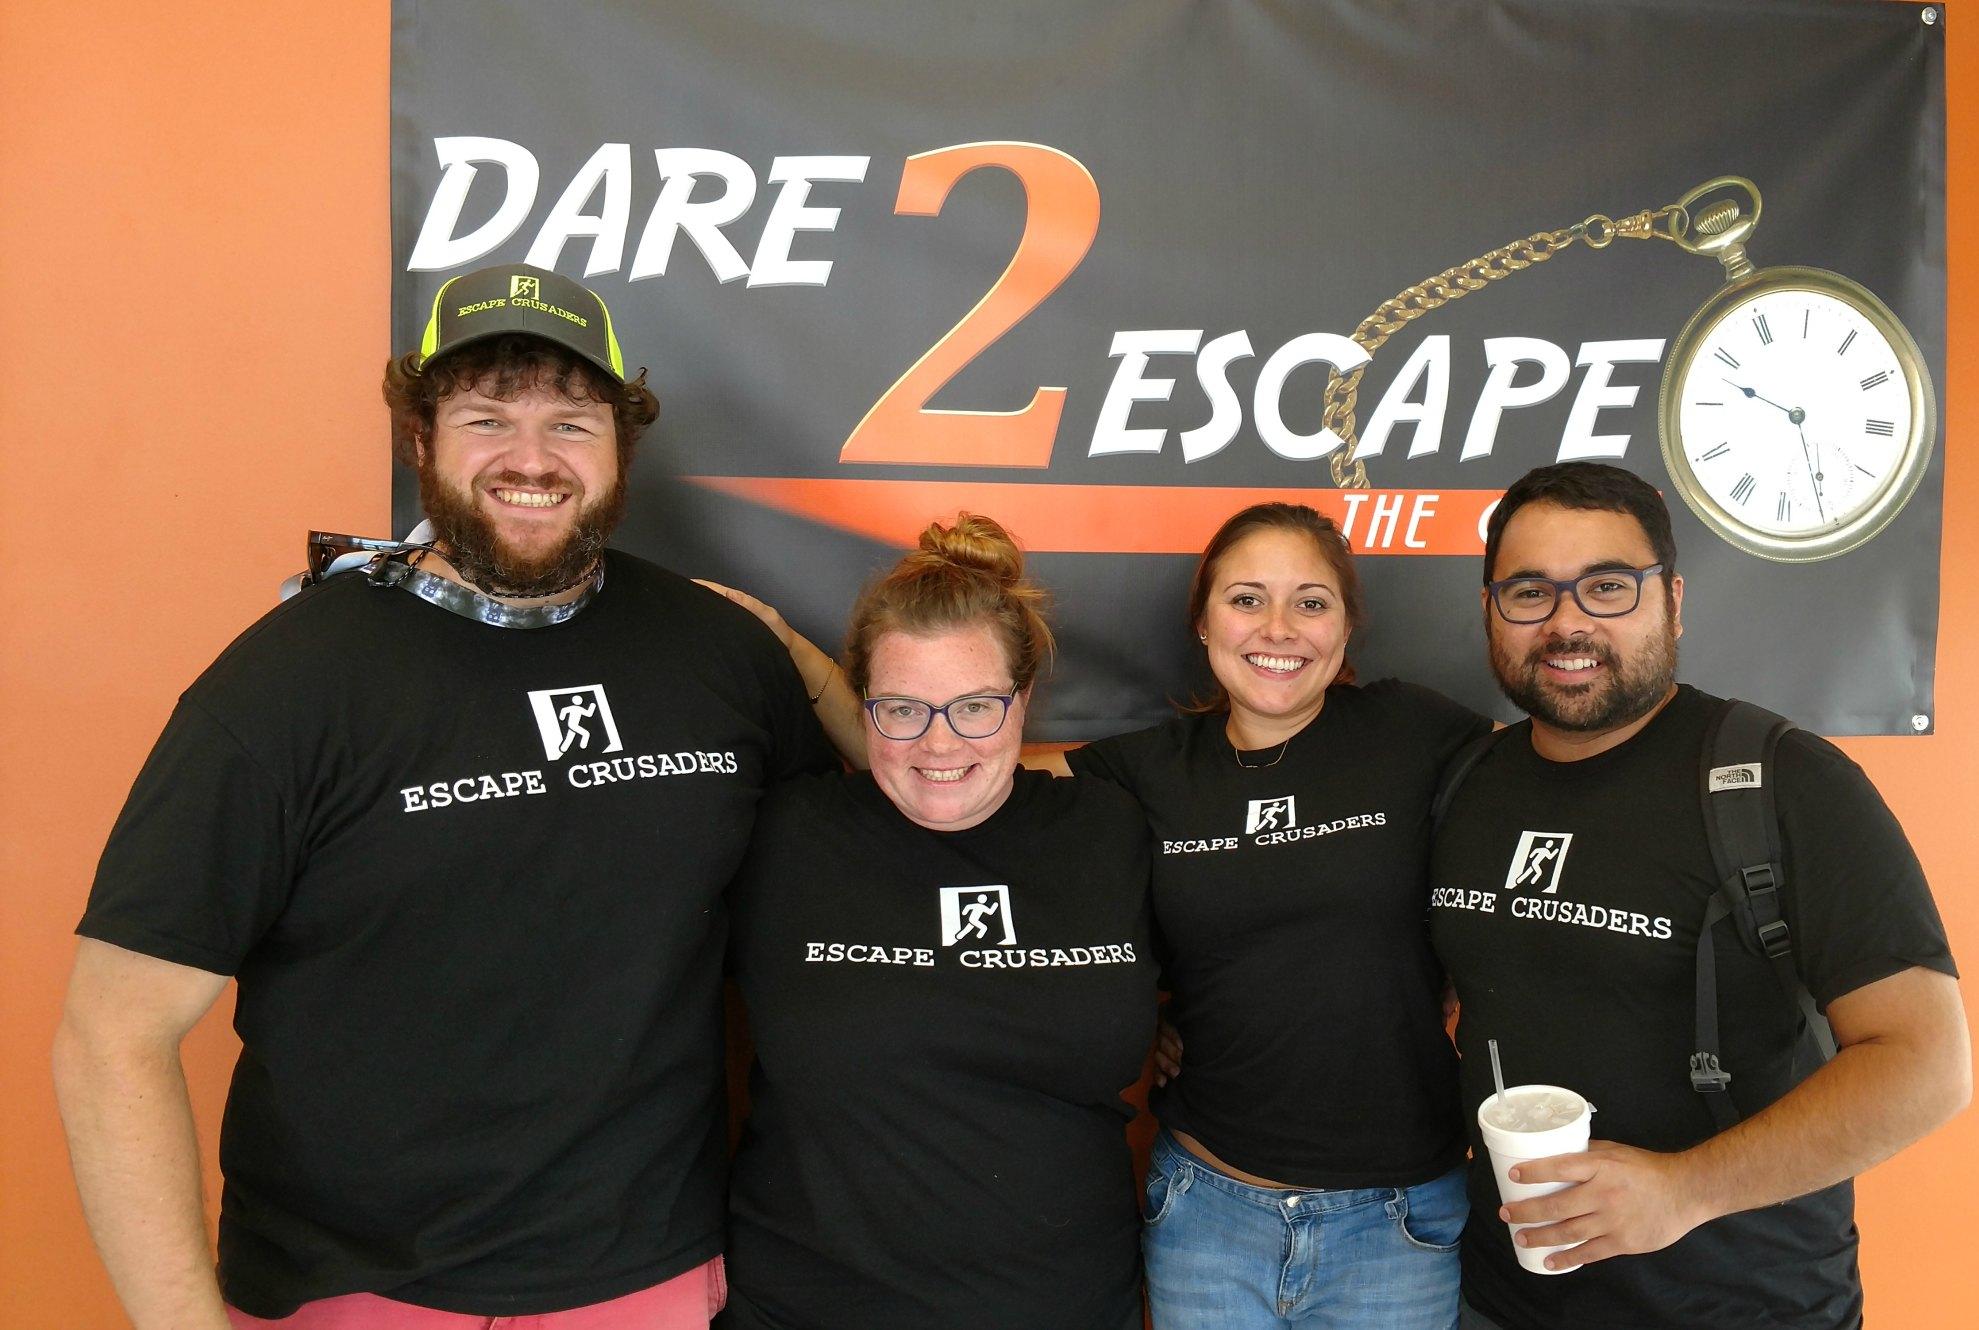 Dare 2 Escape The Ringmaster Escape Room